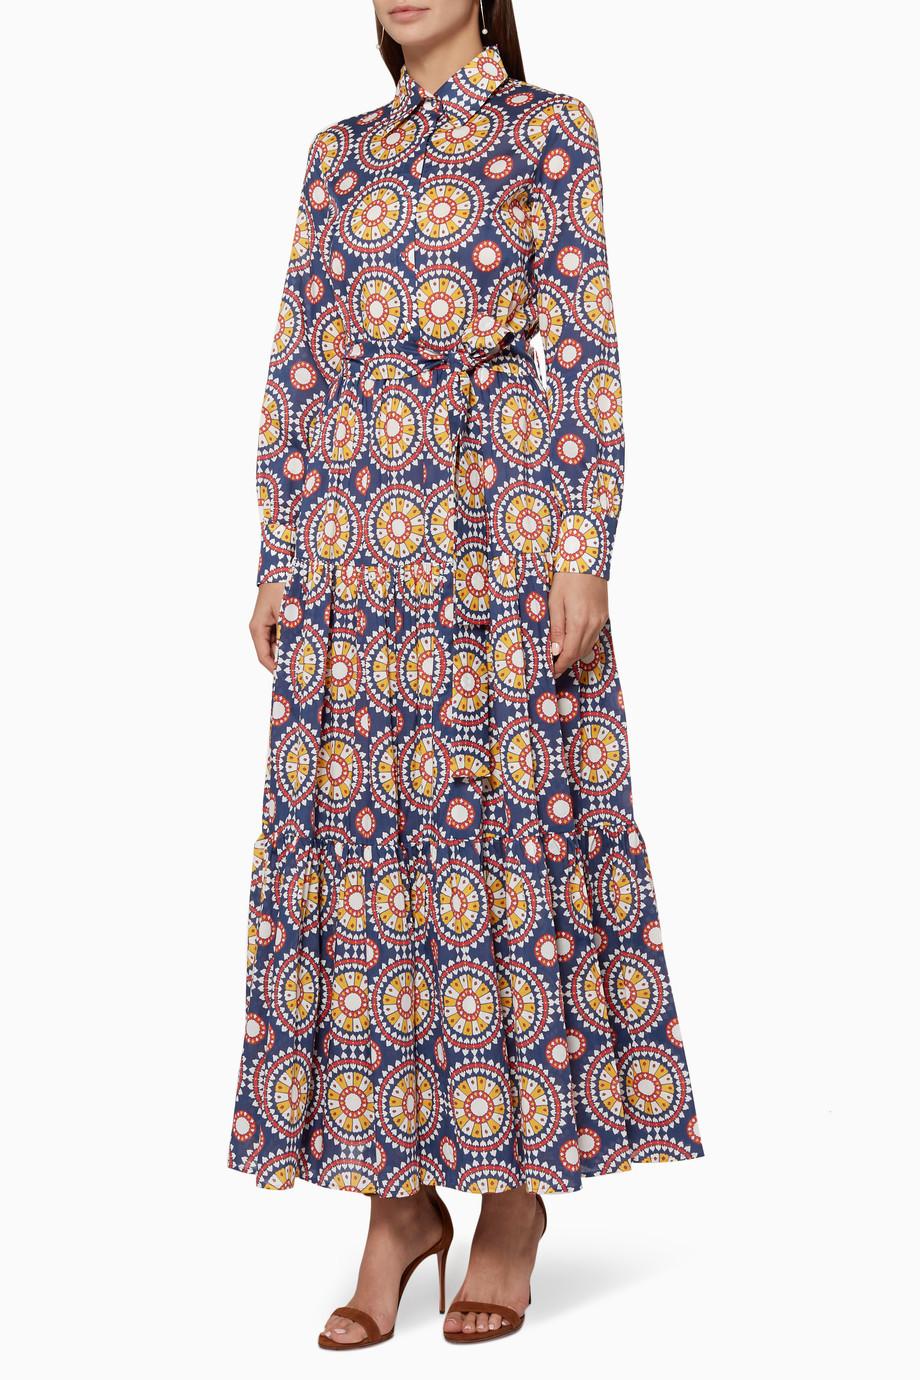 fb9c4698b5af7 Shop La DoubleJ Editions Multicolour Multi-Colour Bellini Dress for Women